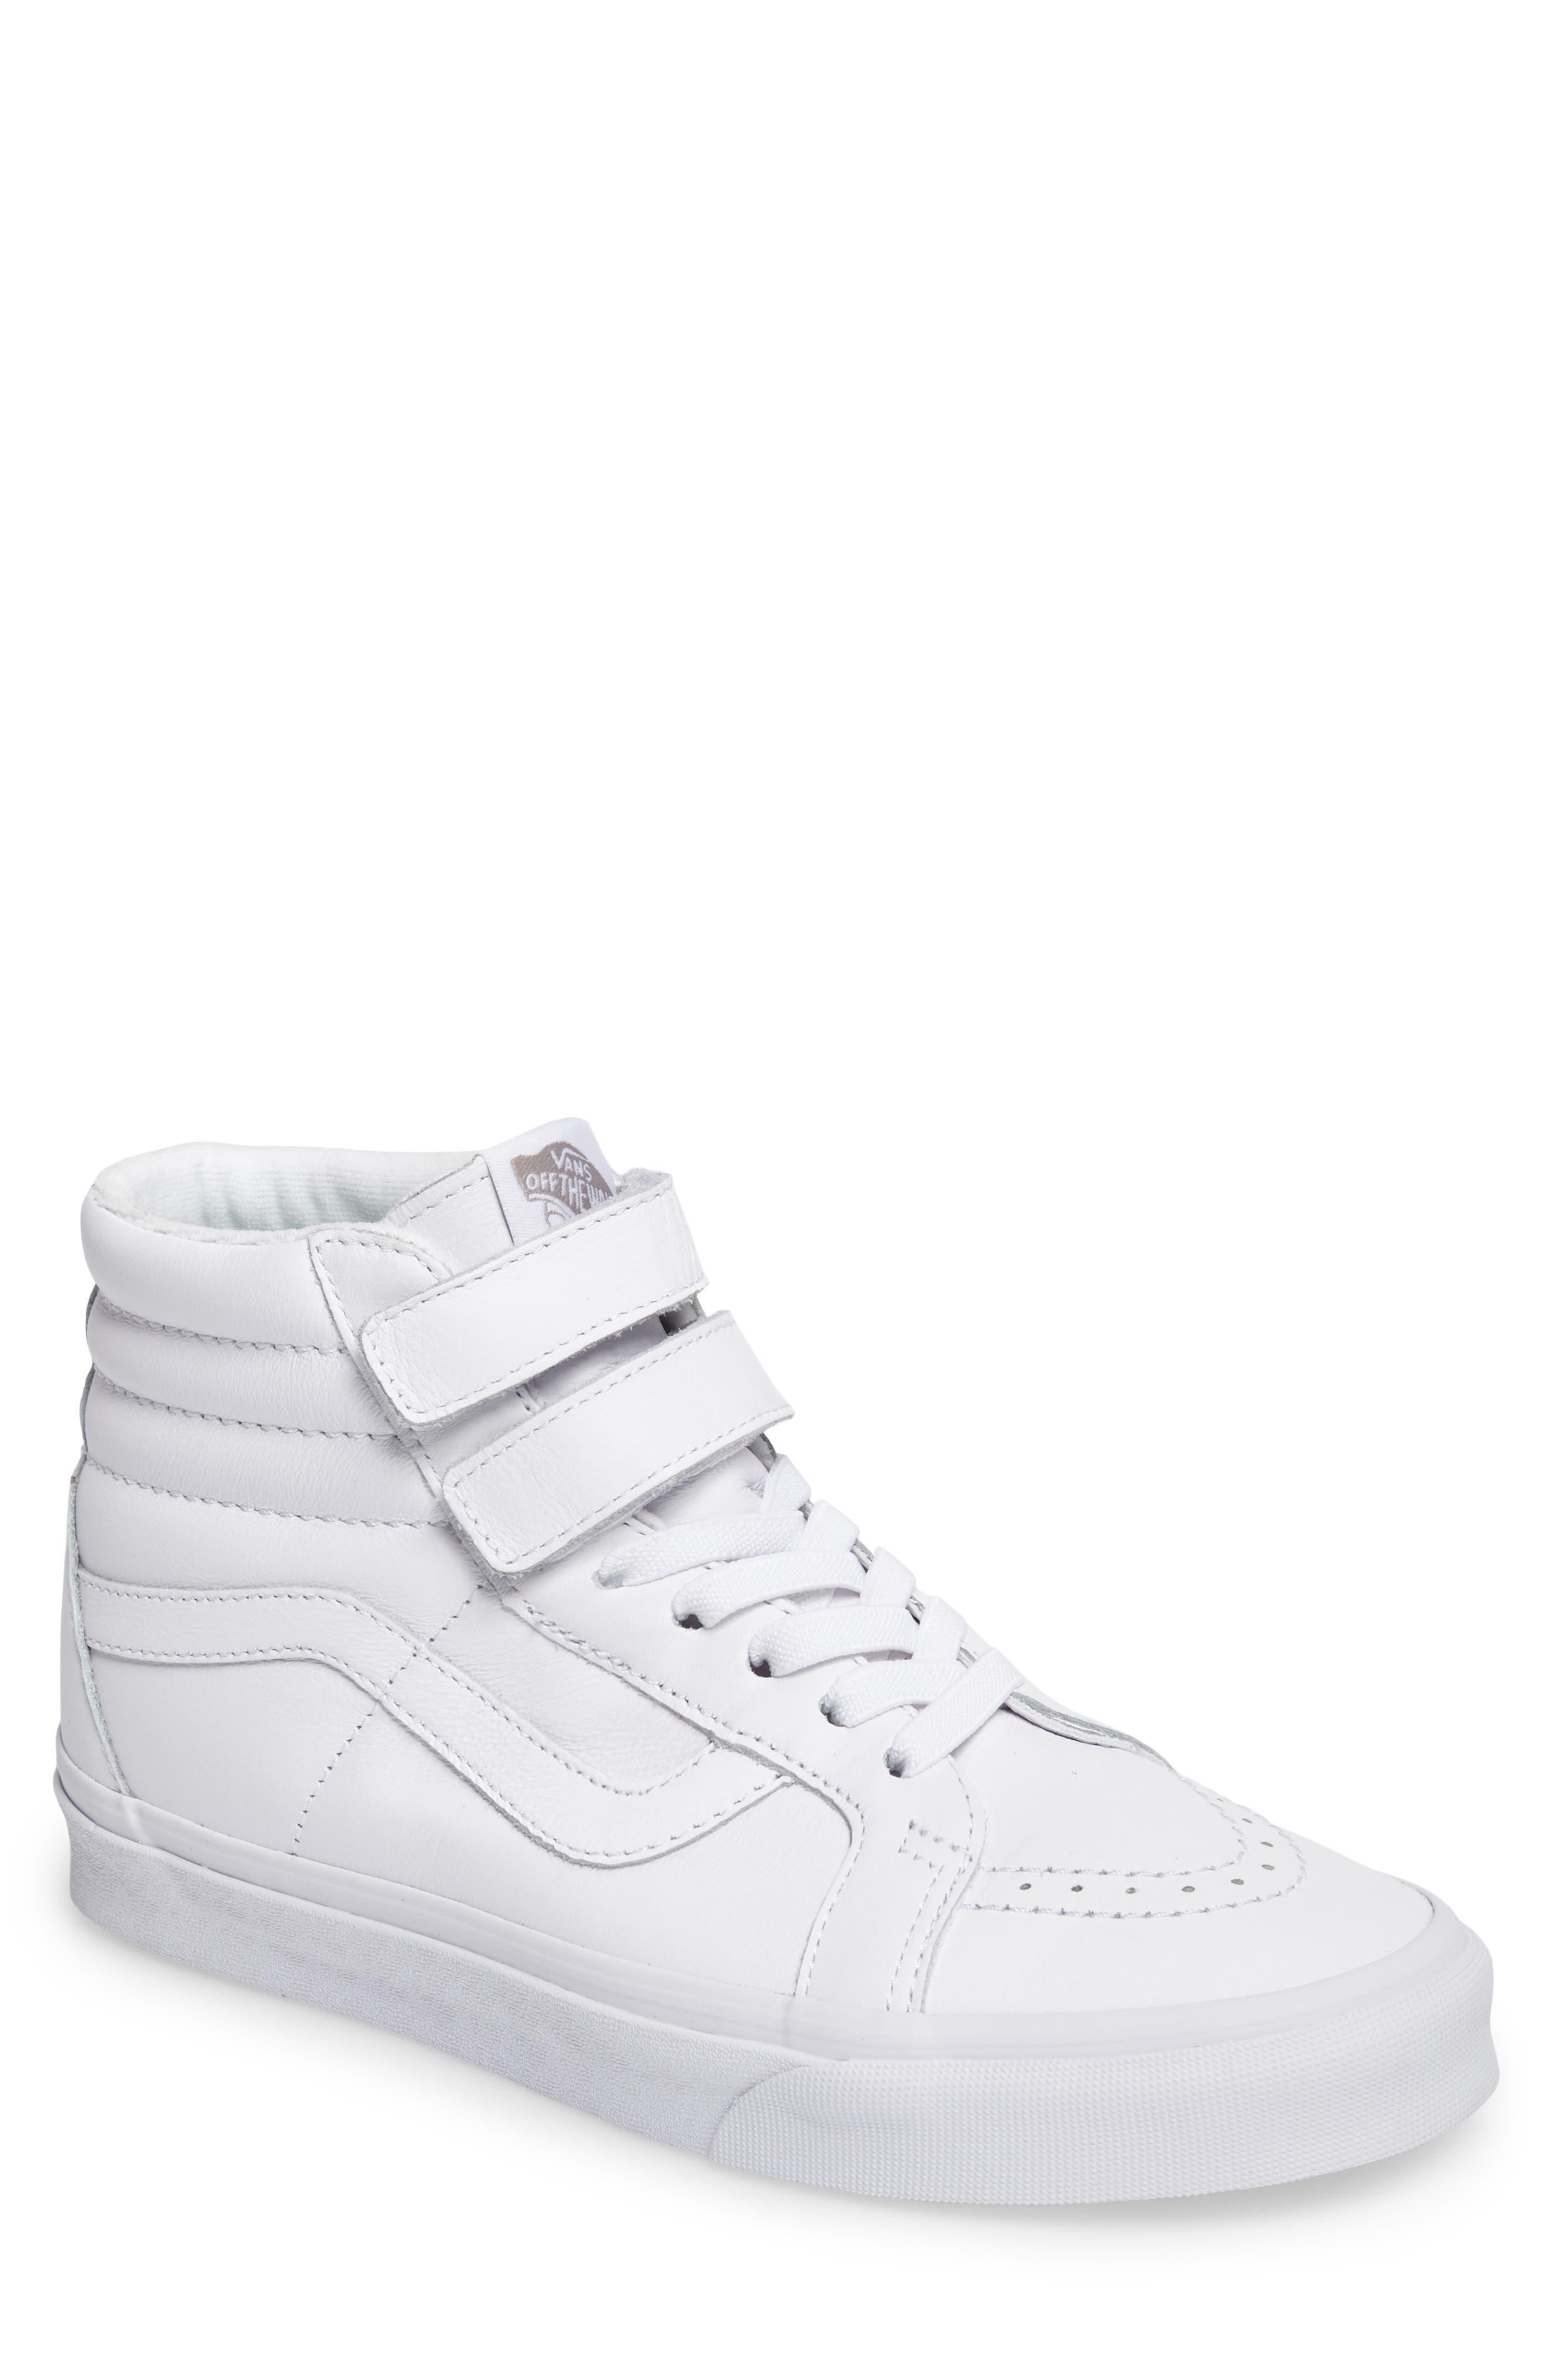 Main Image - Vans Sk8-Hi Reissue V Sneaker (Men)